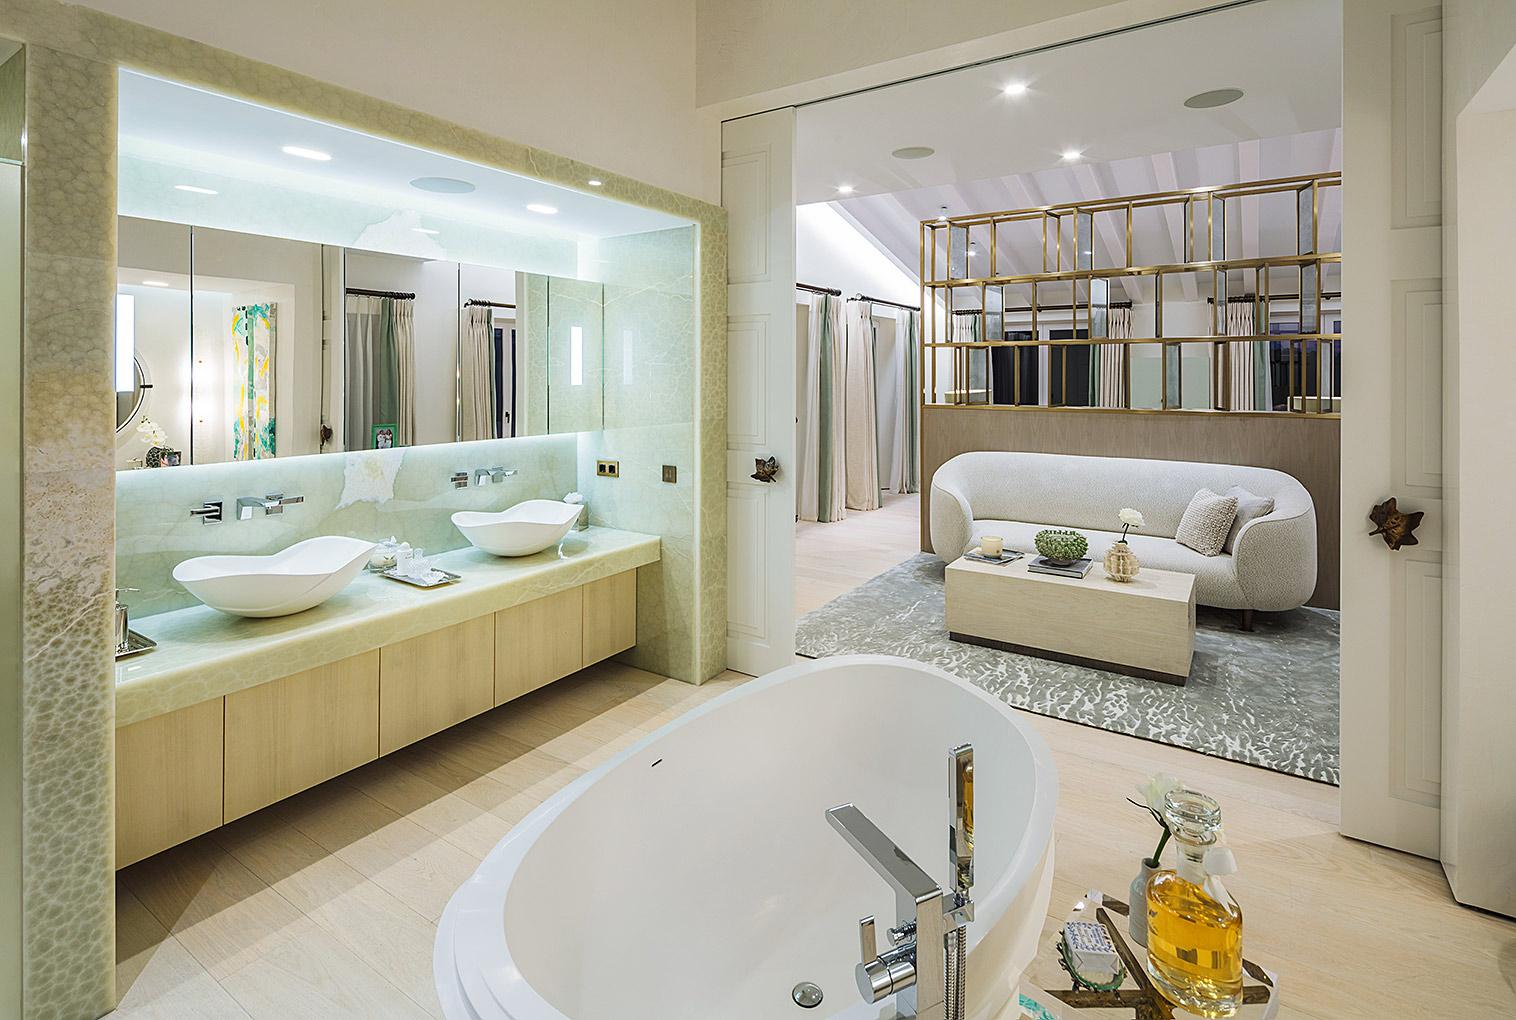 Luxus Bad, Villa Mallorca, Fotoaufnahmen